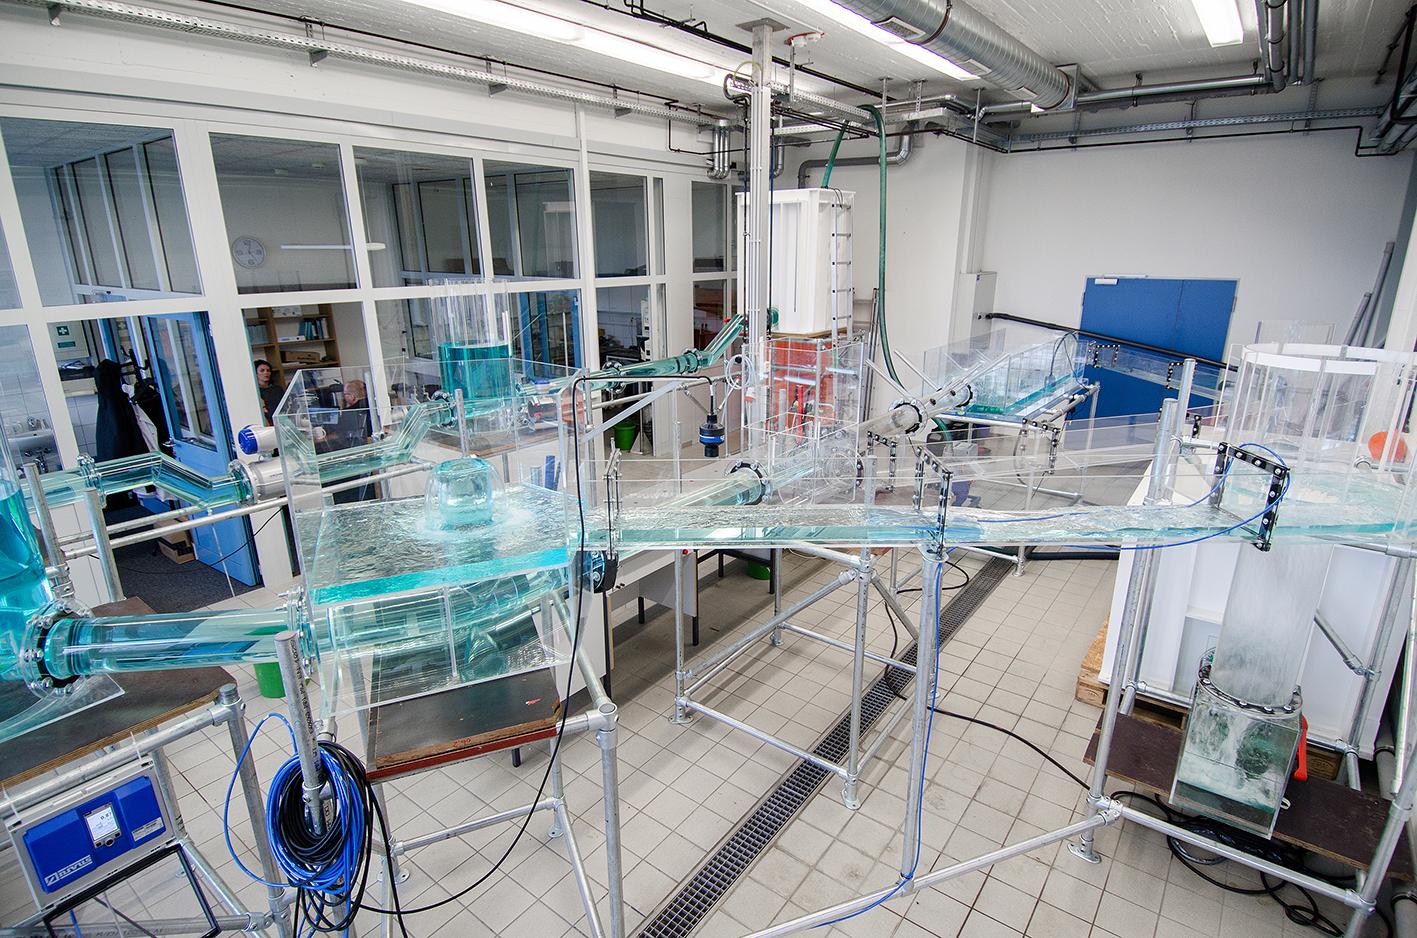 Kanalisationsmodell aus Plexiglas mit Glasfaserkabel